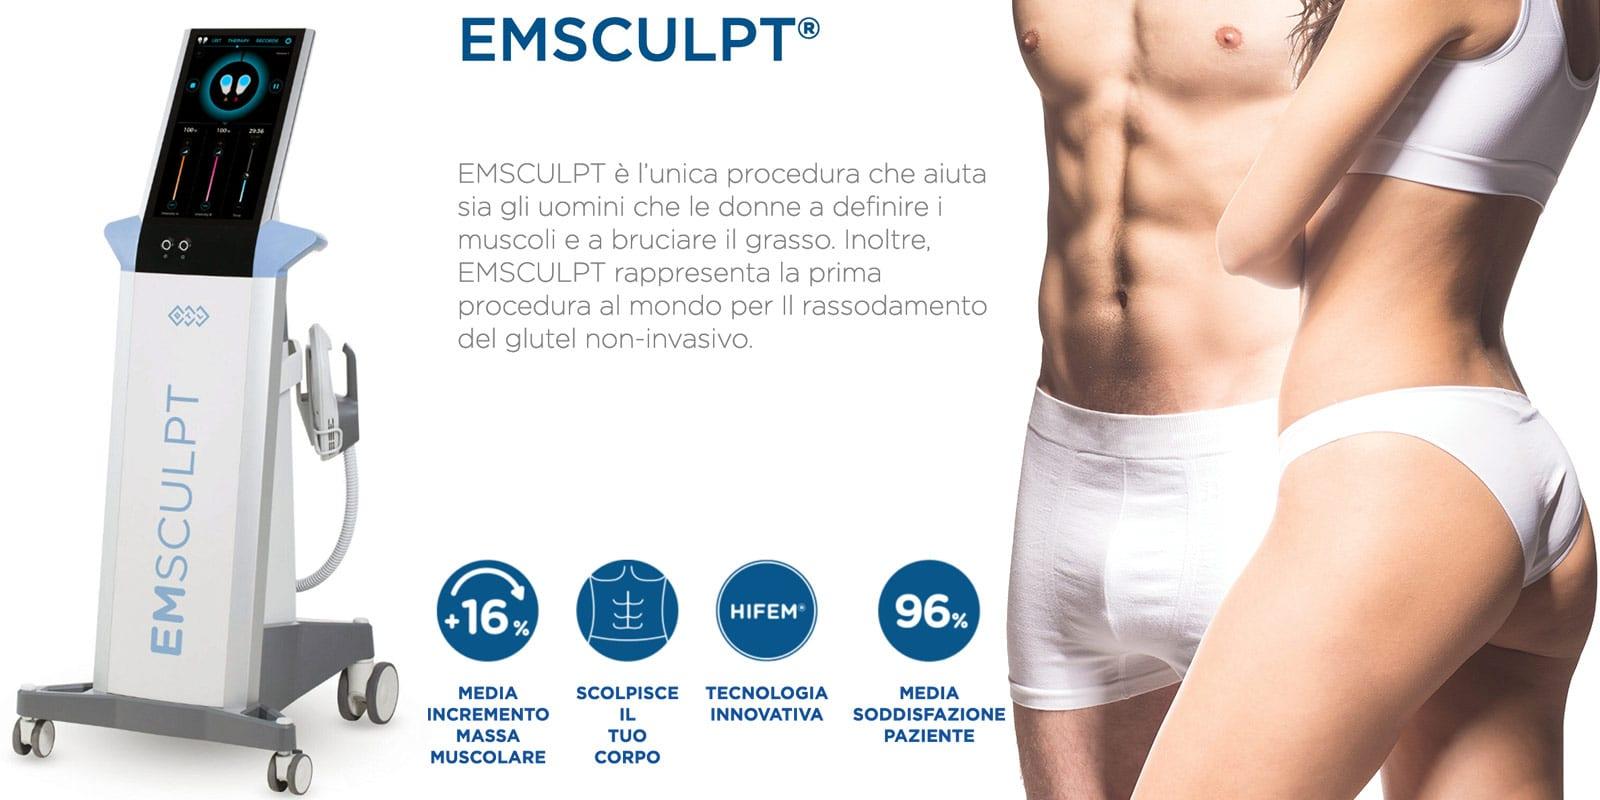 EMSCULPT Milano